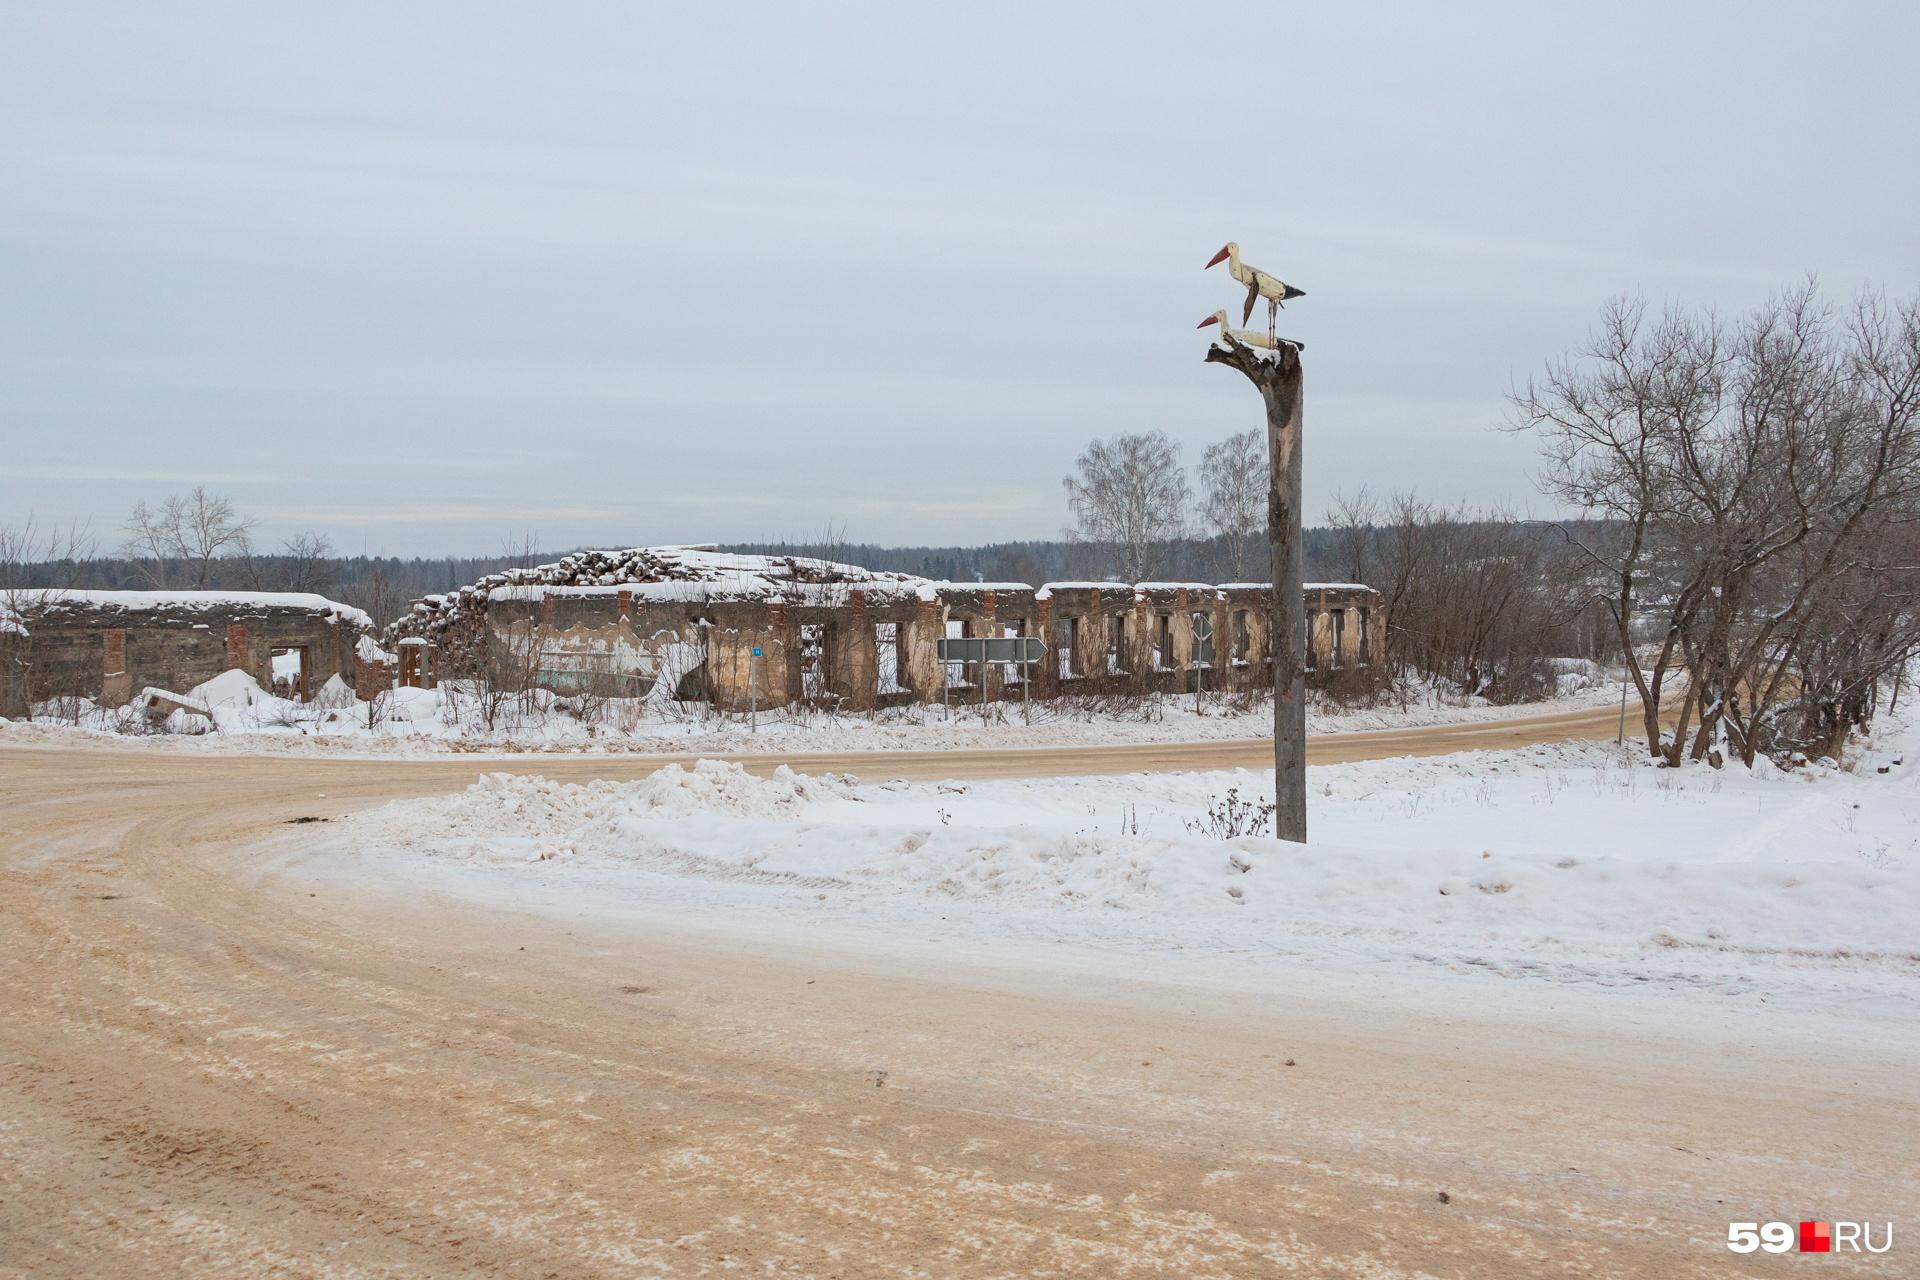 На окраине поселка — деревянные аисты и руины. Когда-то здесь была картонная фабрика